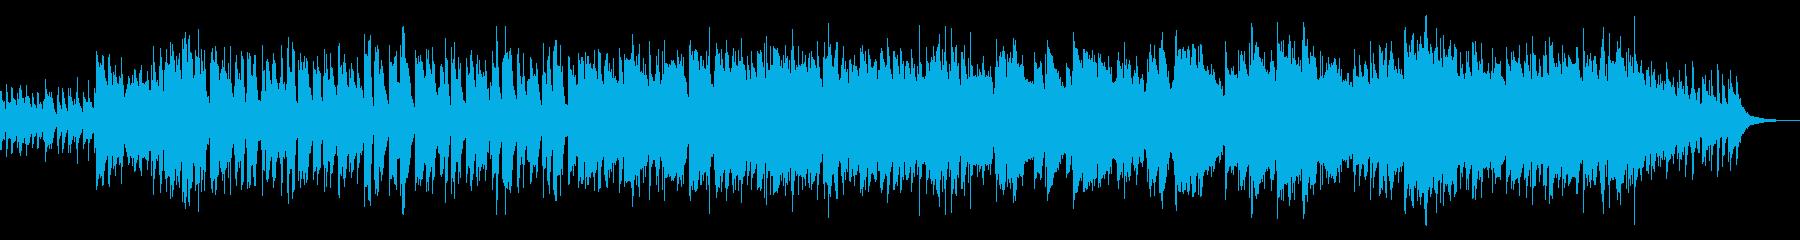 ウクレレを用いた明るいほのぼのとした楽曲の再生済みの波形